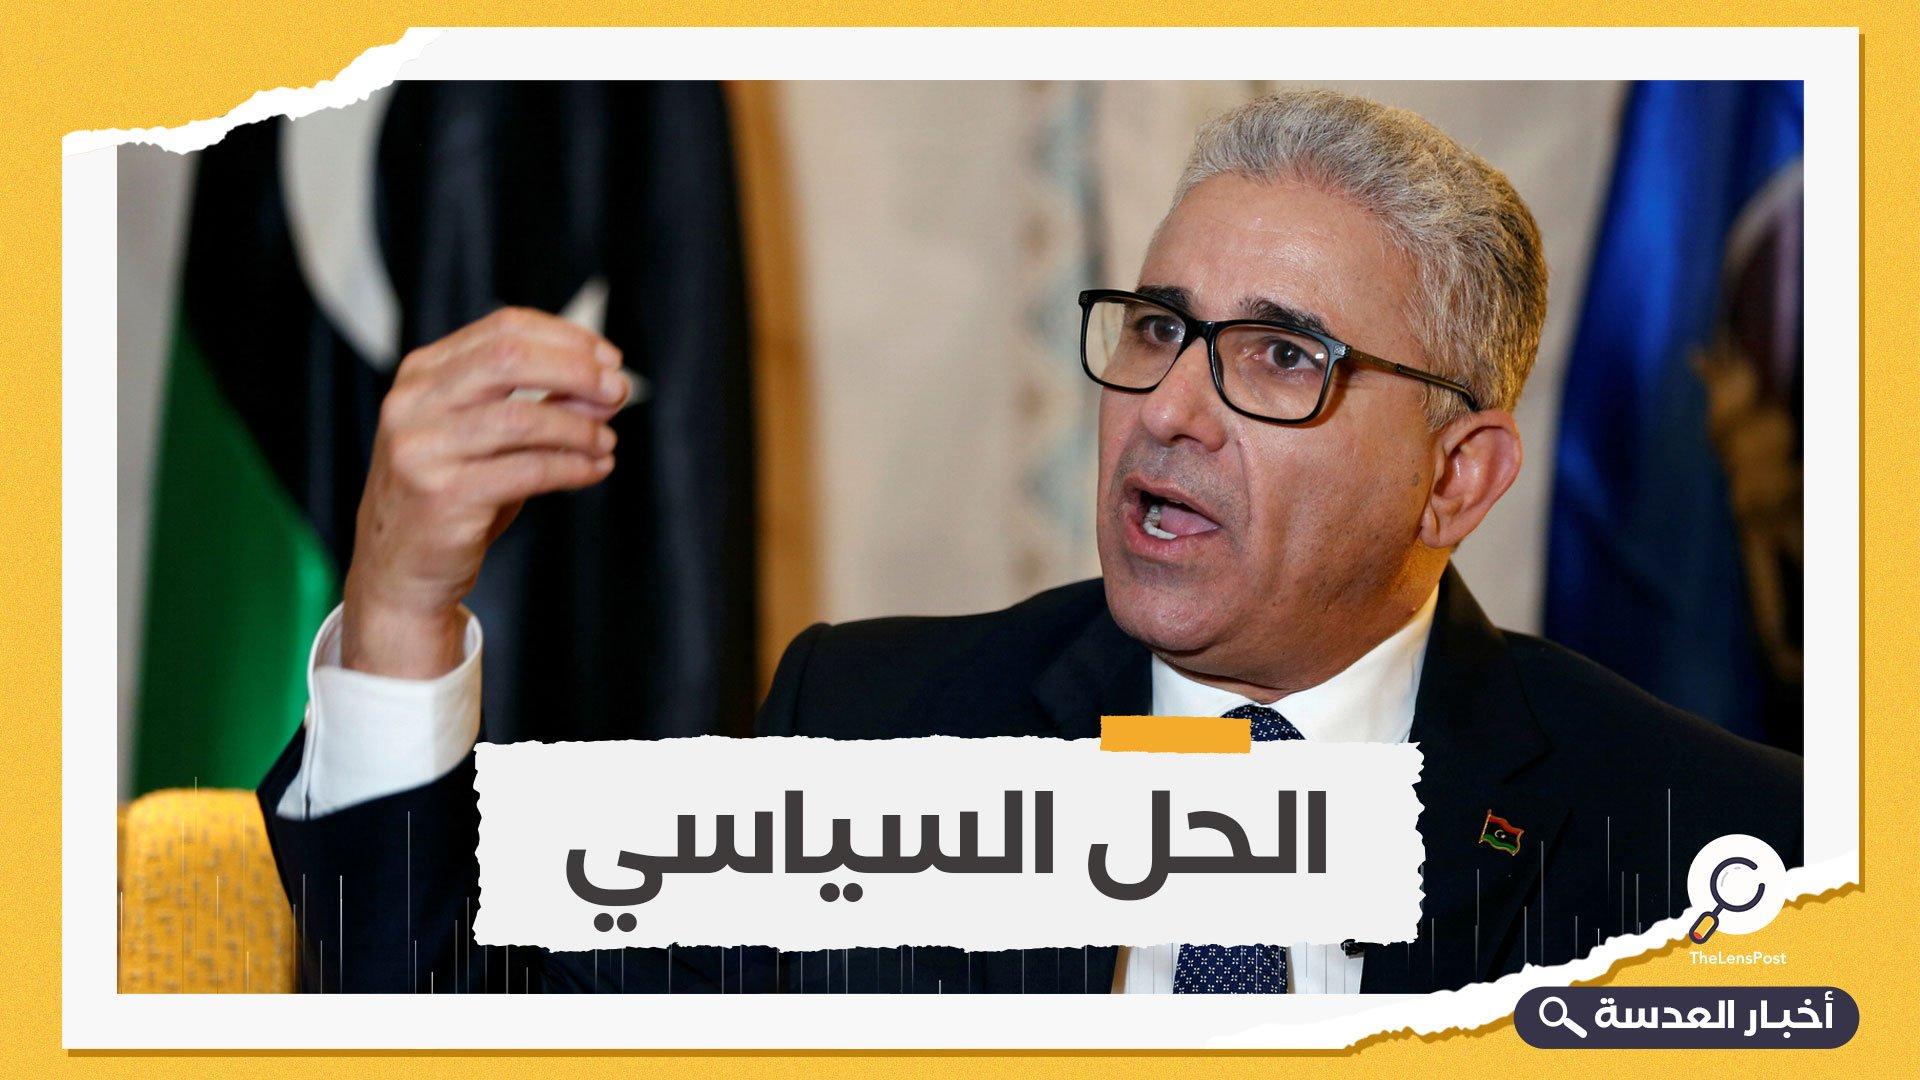 """""""باشاغا"""" يتأهل لجولة ثانية في التصويت على اختيار الإدارة الليبية الجديدة"""